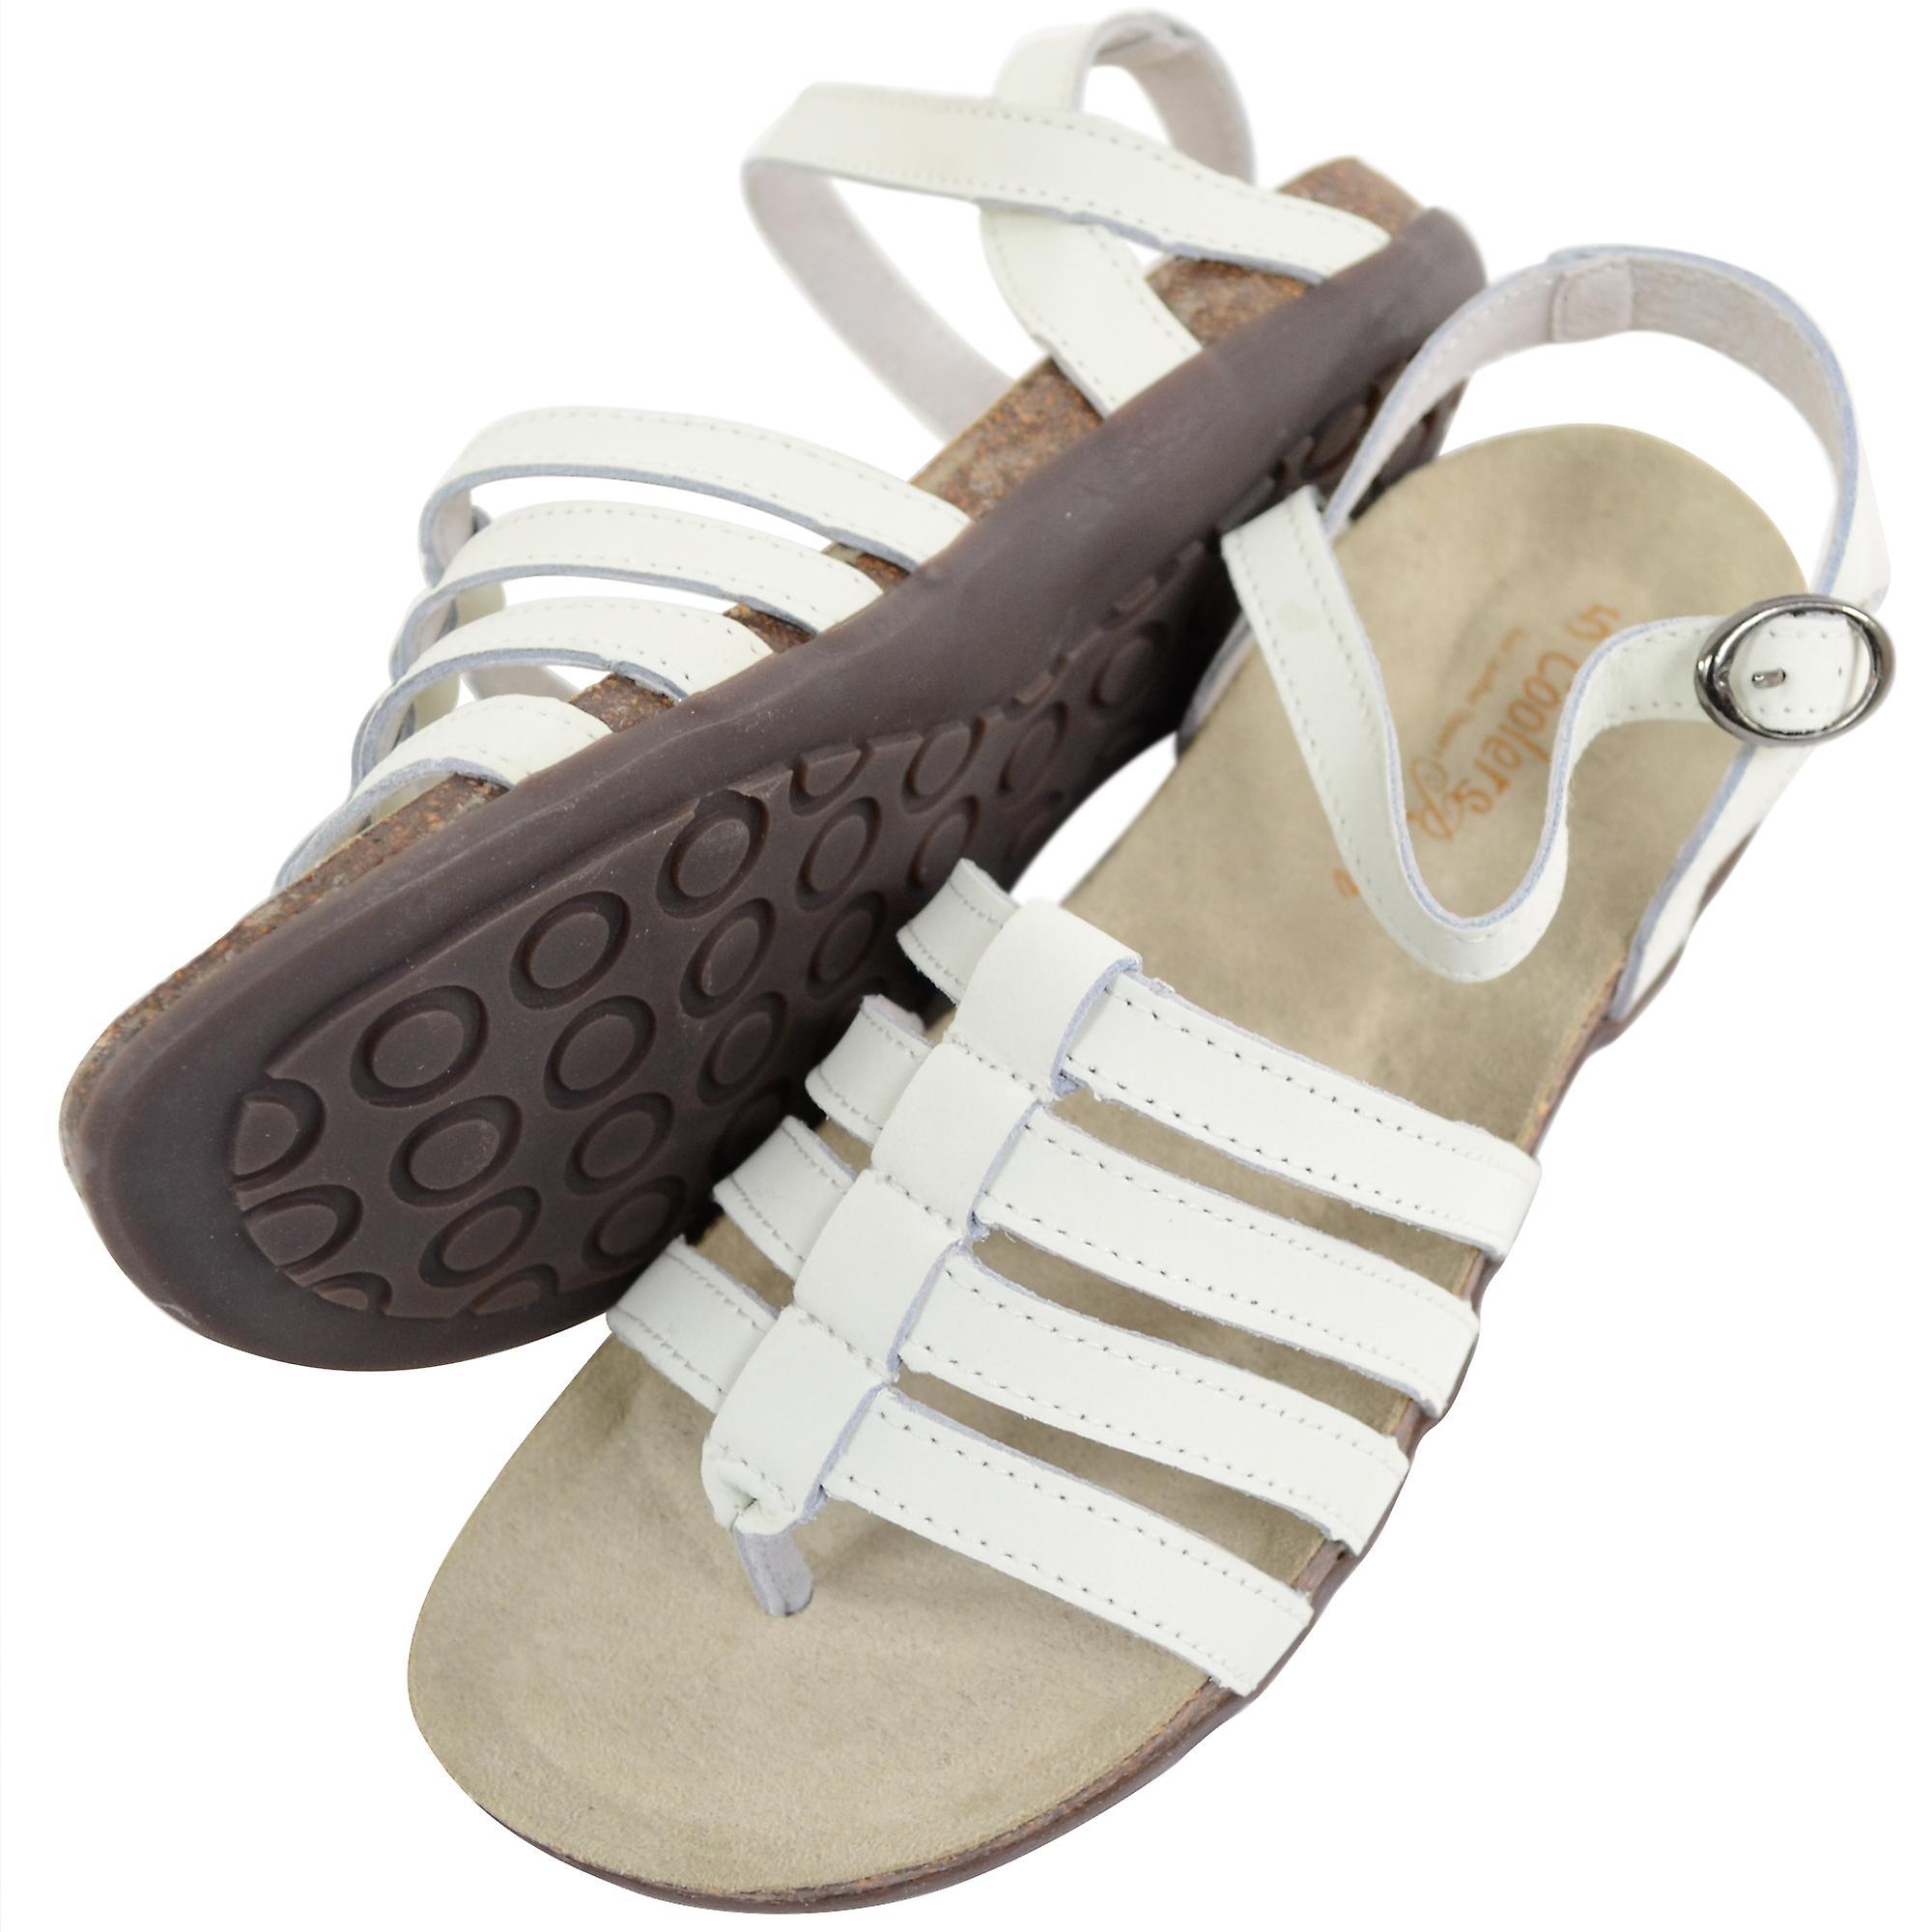 Damen / Damen Leder Sommer / Ferien / Strand geschnallt Sandalen / Schuh - weiß - UK 6